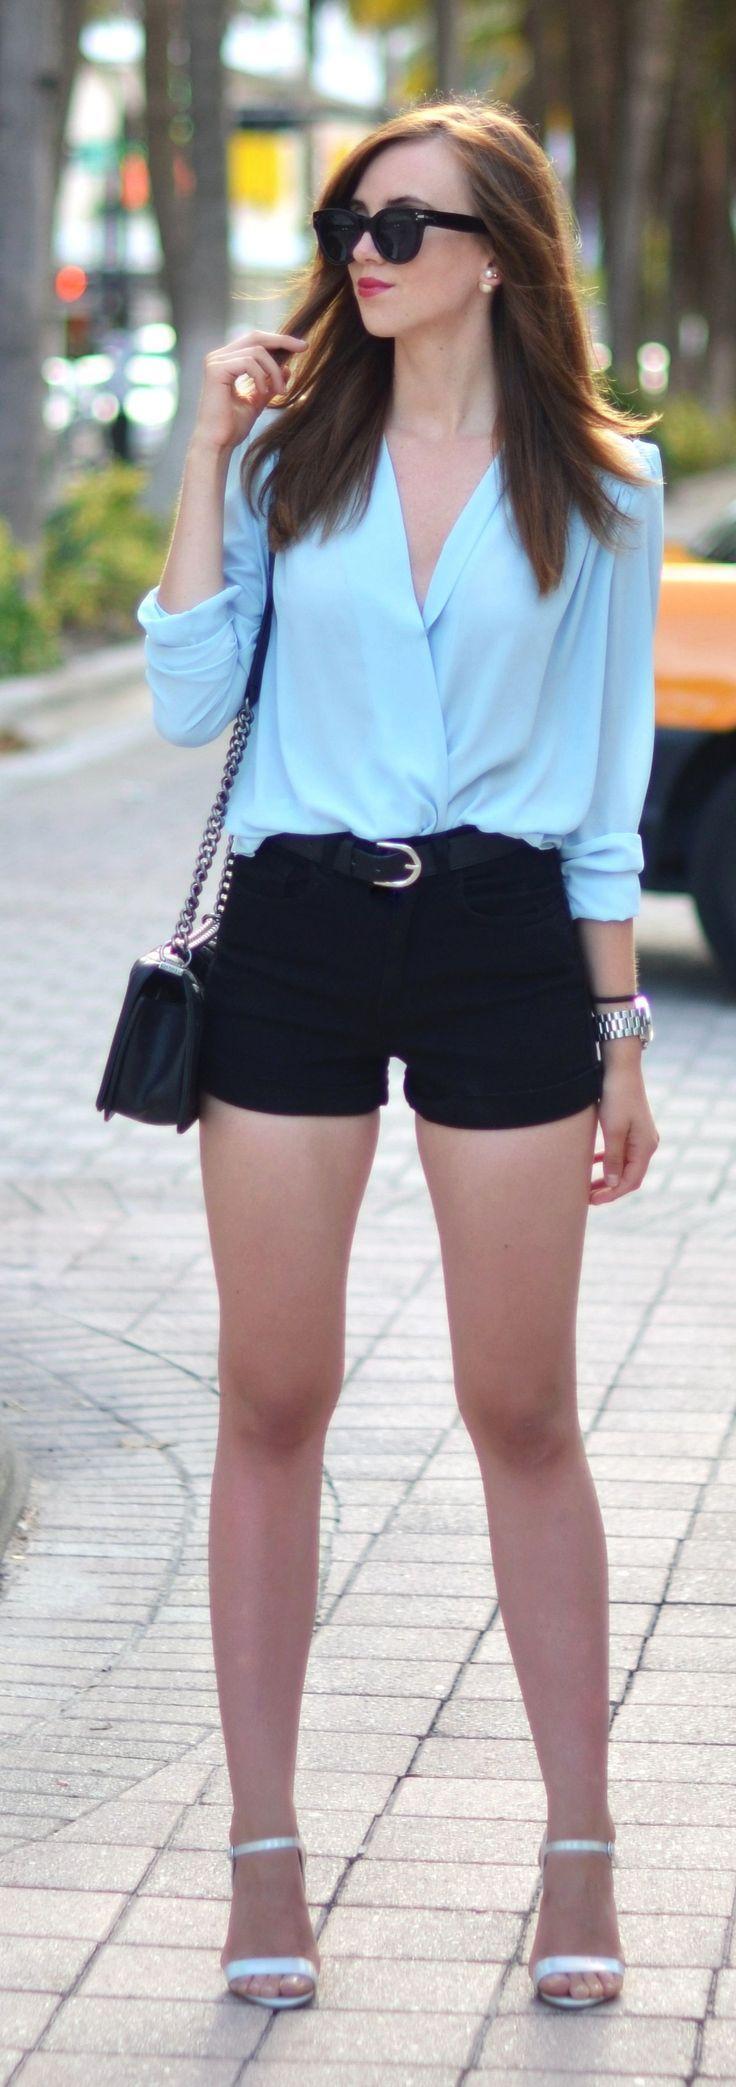 Baby Blue Wrap Blouse Outfit Idea by Vogue Haus - blue blouse ...